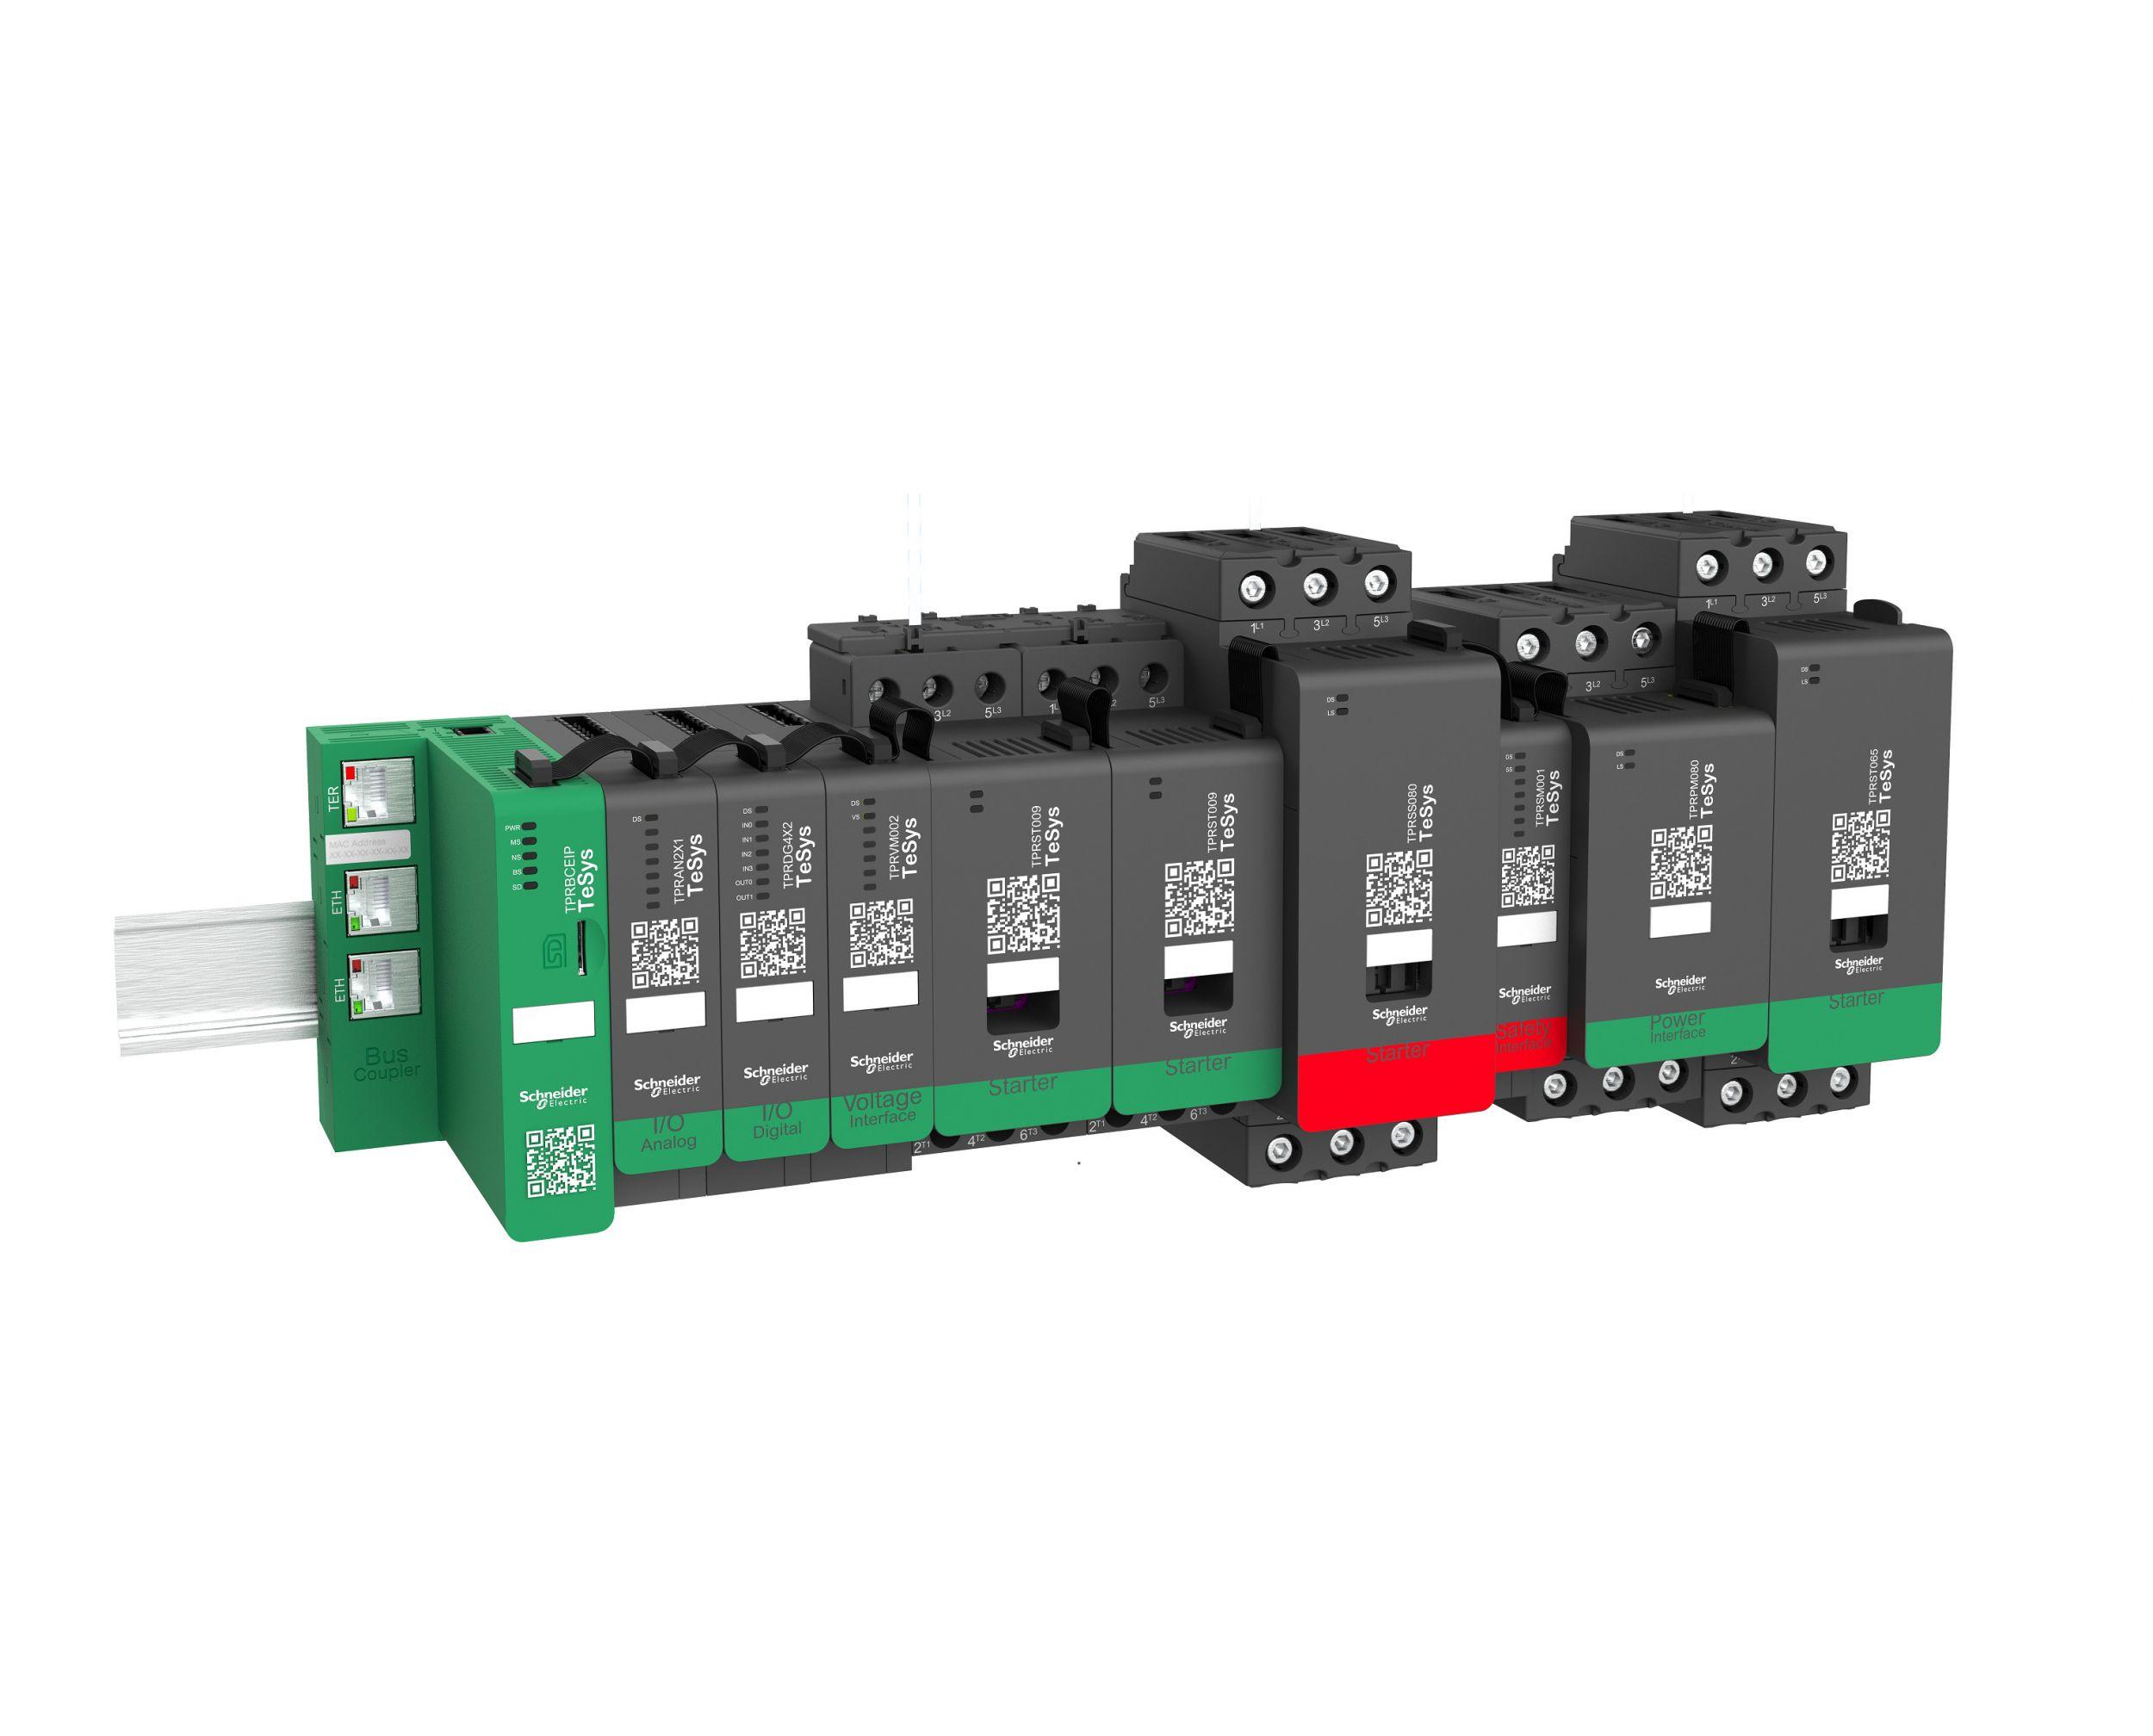 Das Lastmanagementsystem TeSys Island schaltet, schützt und verwaltet Motoren und andere Lasten bis zu 80A. (Bild: Schneider Electric GmbH)